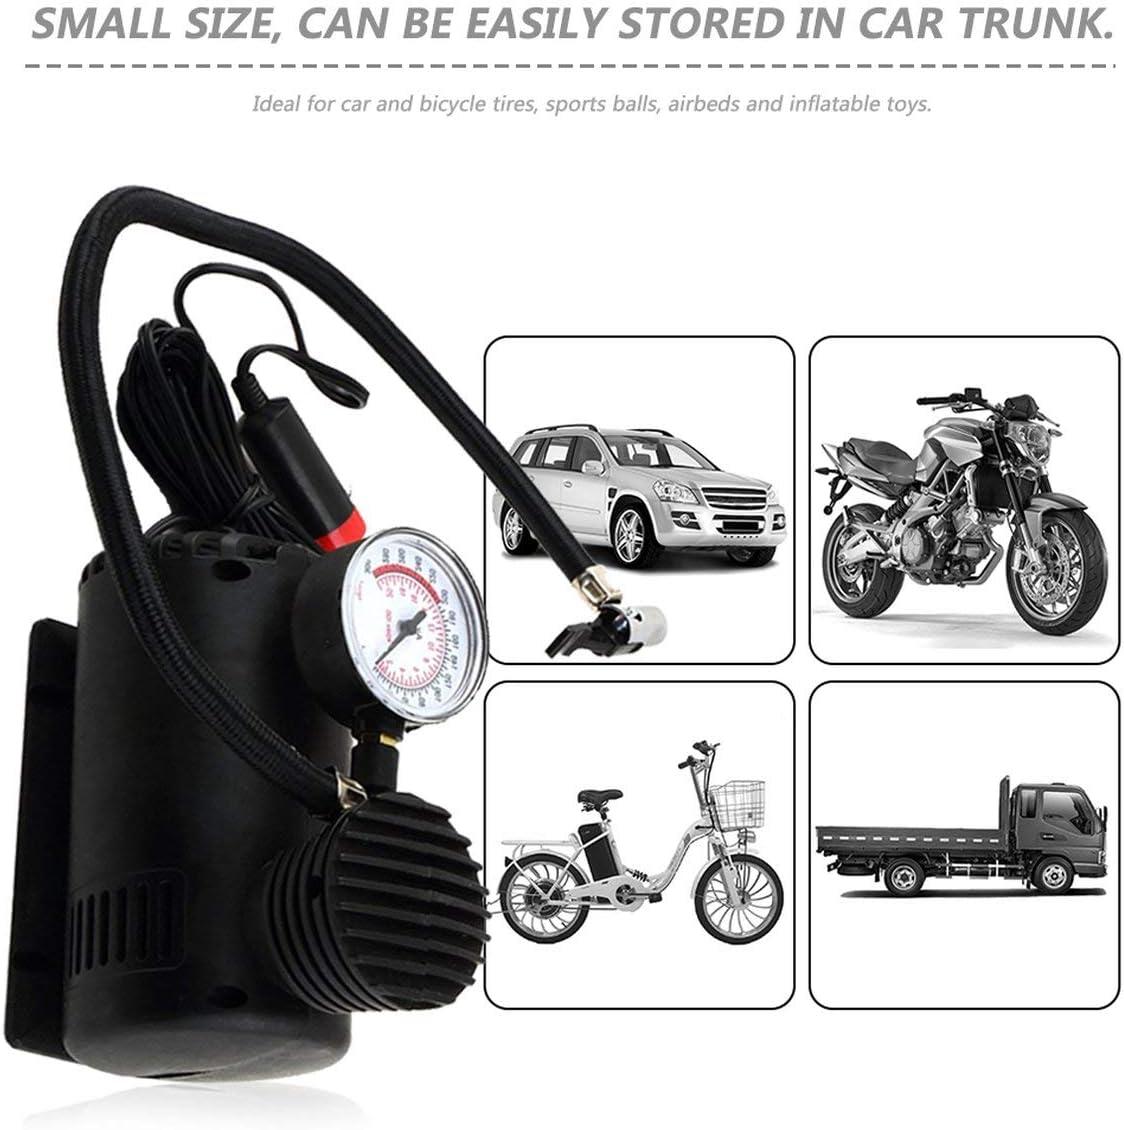 Nero Portatile Versatile 12V 300PSI Car Pneumatico Gonfiatore Pompa Mini Pompa Compressore Compatta Car Bike Pneumatico Aria Gonfiatore